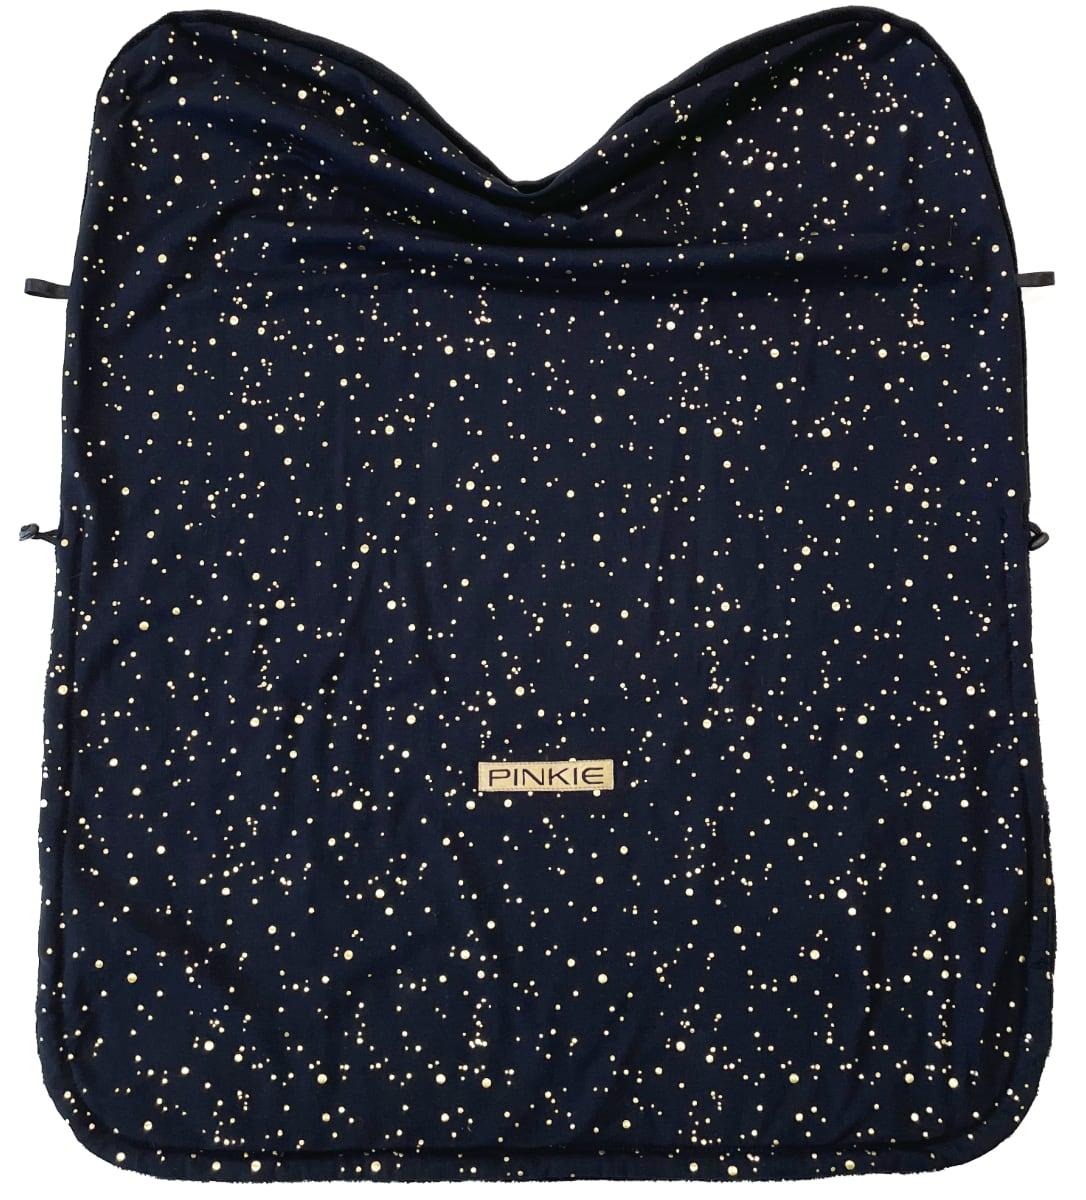 kliknutít zobrazíte maximální velikost obrázku deka se stahováním Shine Gold Black